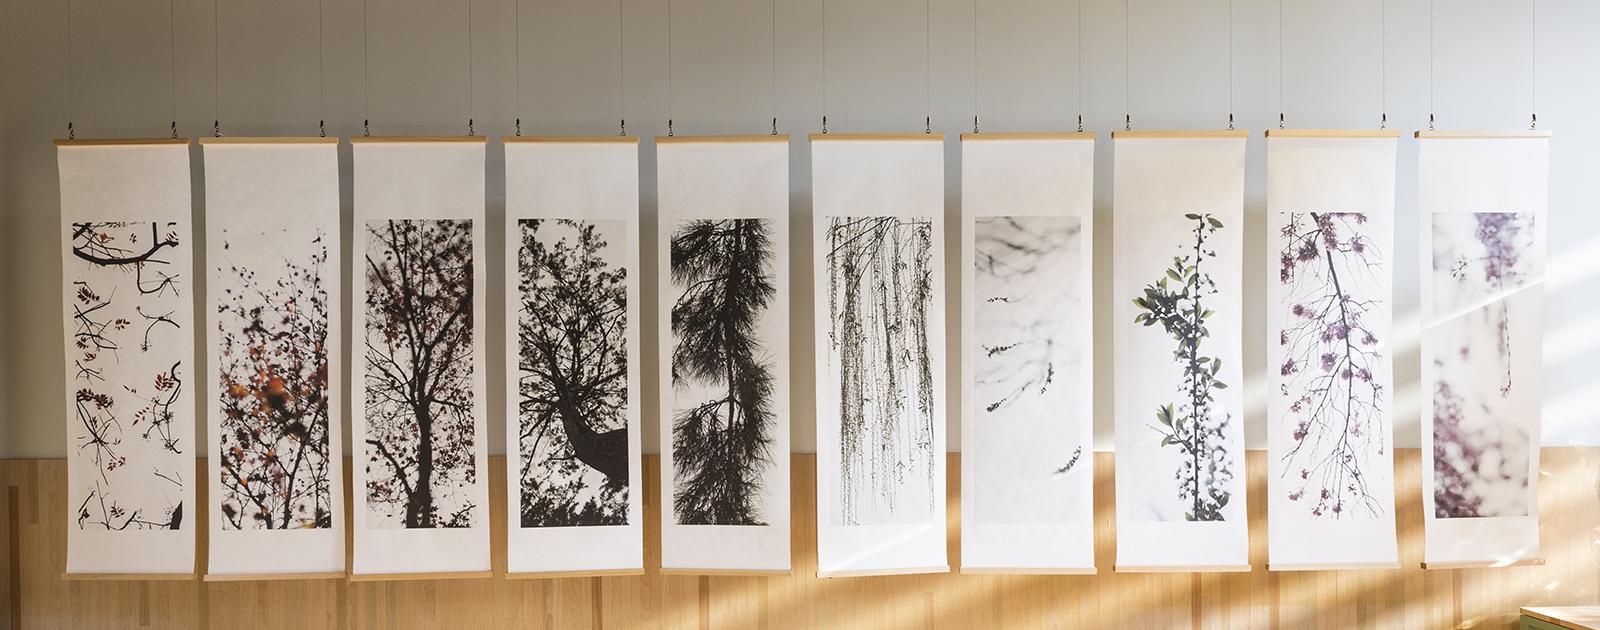 個展「樹々万葉(きぎのよろずは)」(新風館 / 京都)